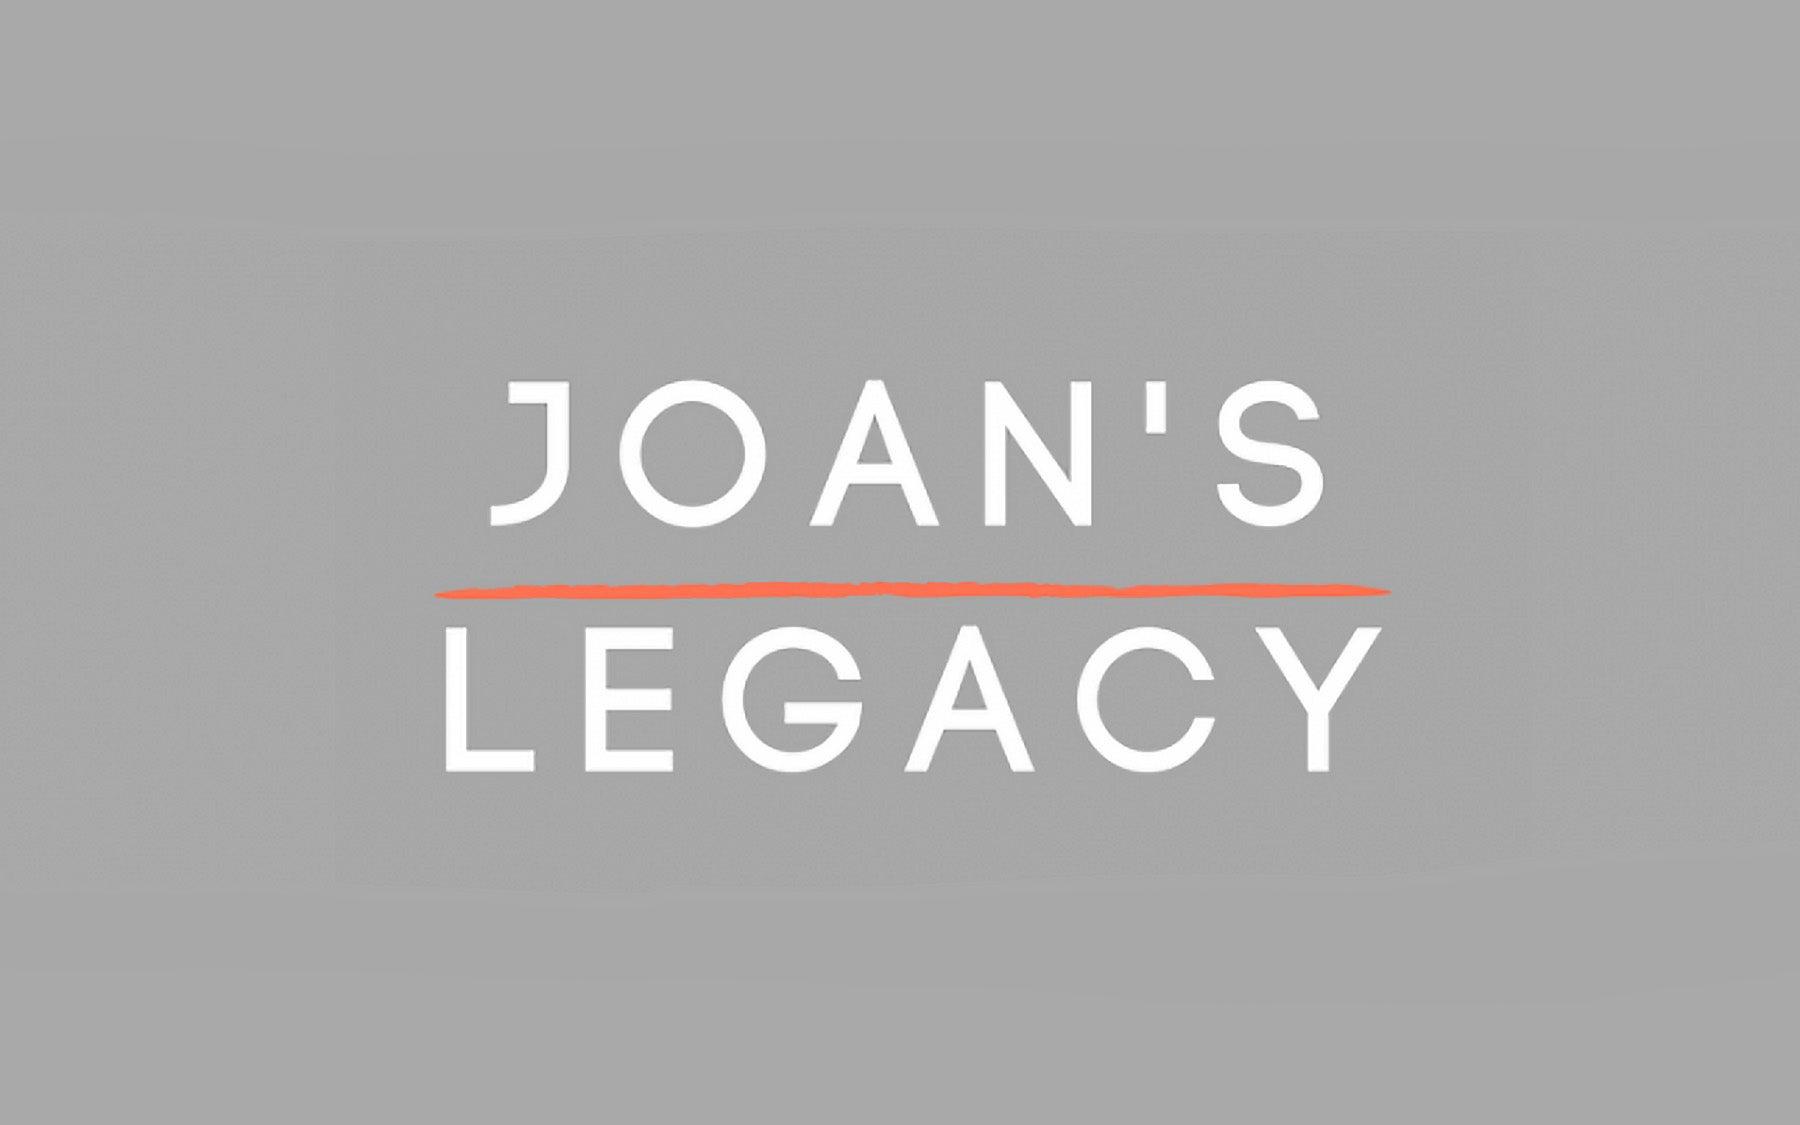 Joan's Legacy